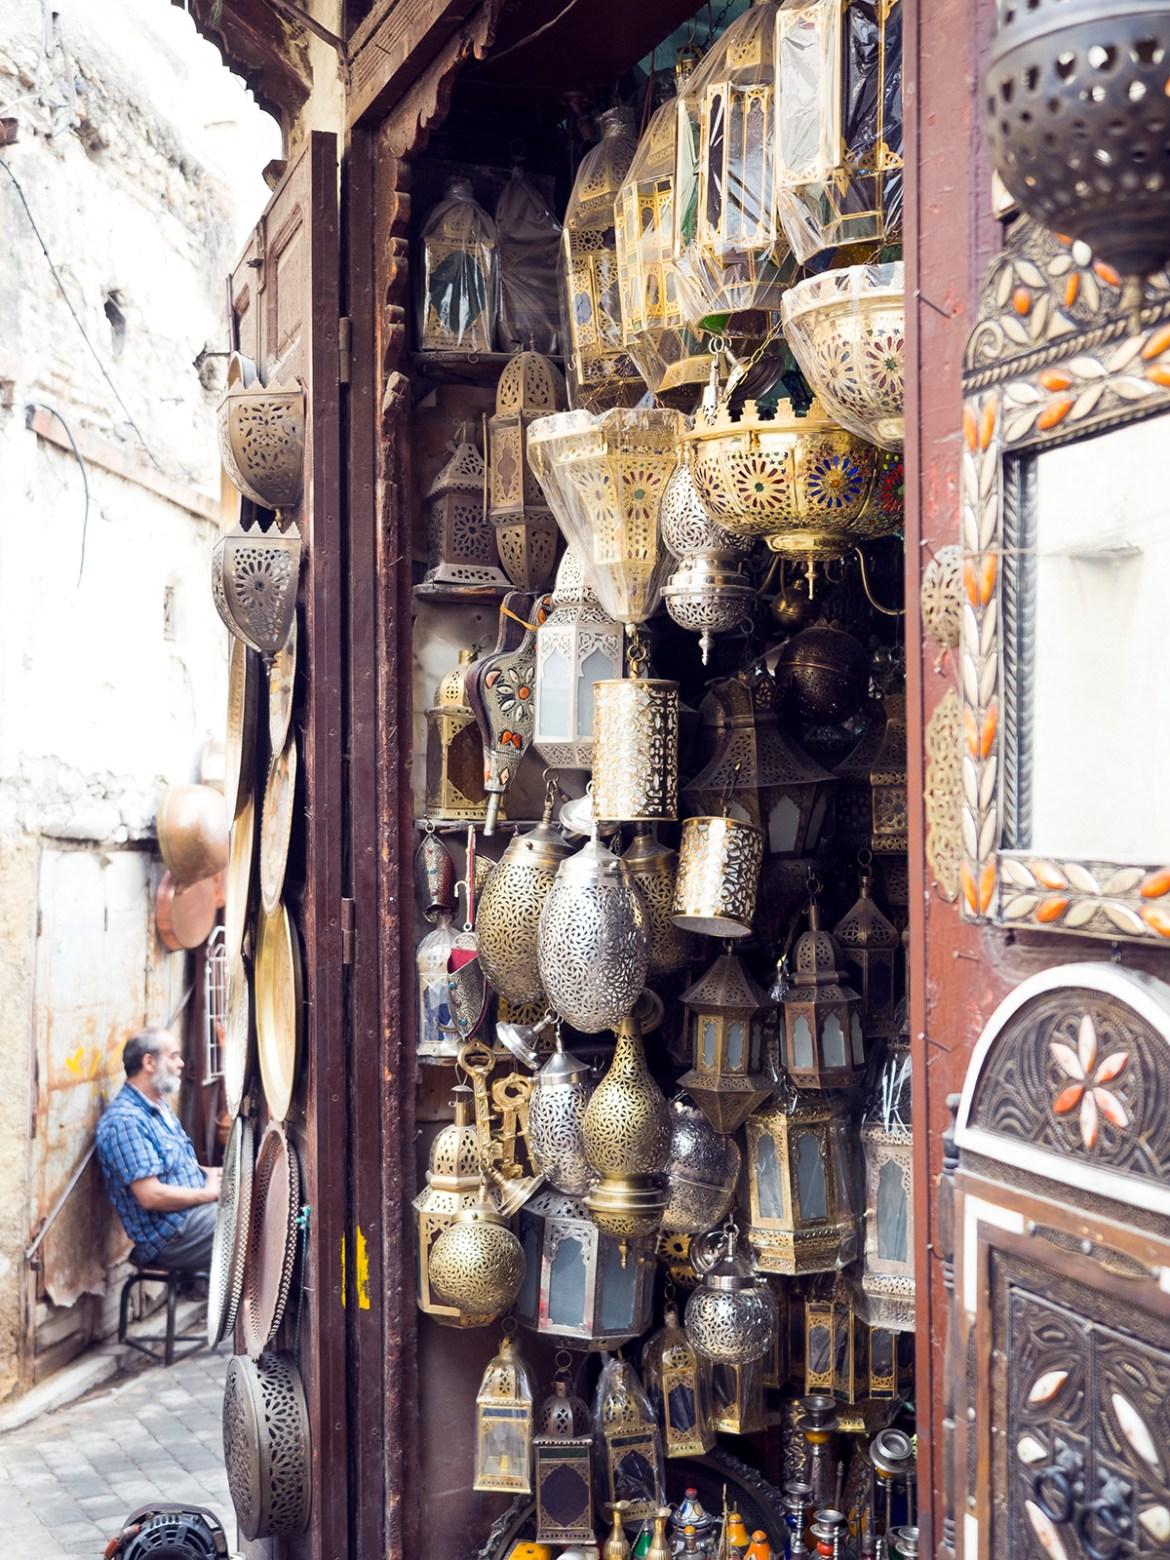 Lamps Fez